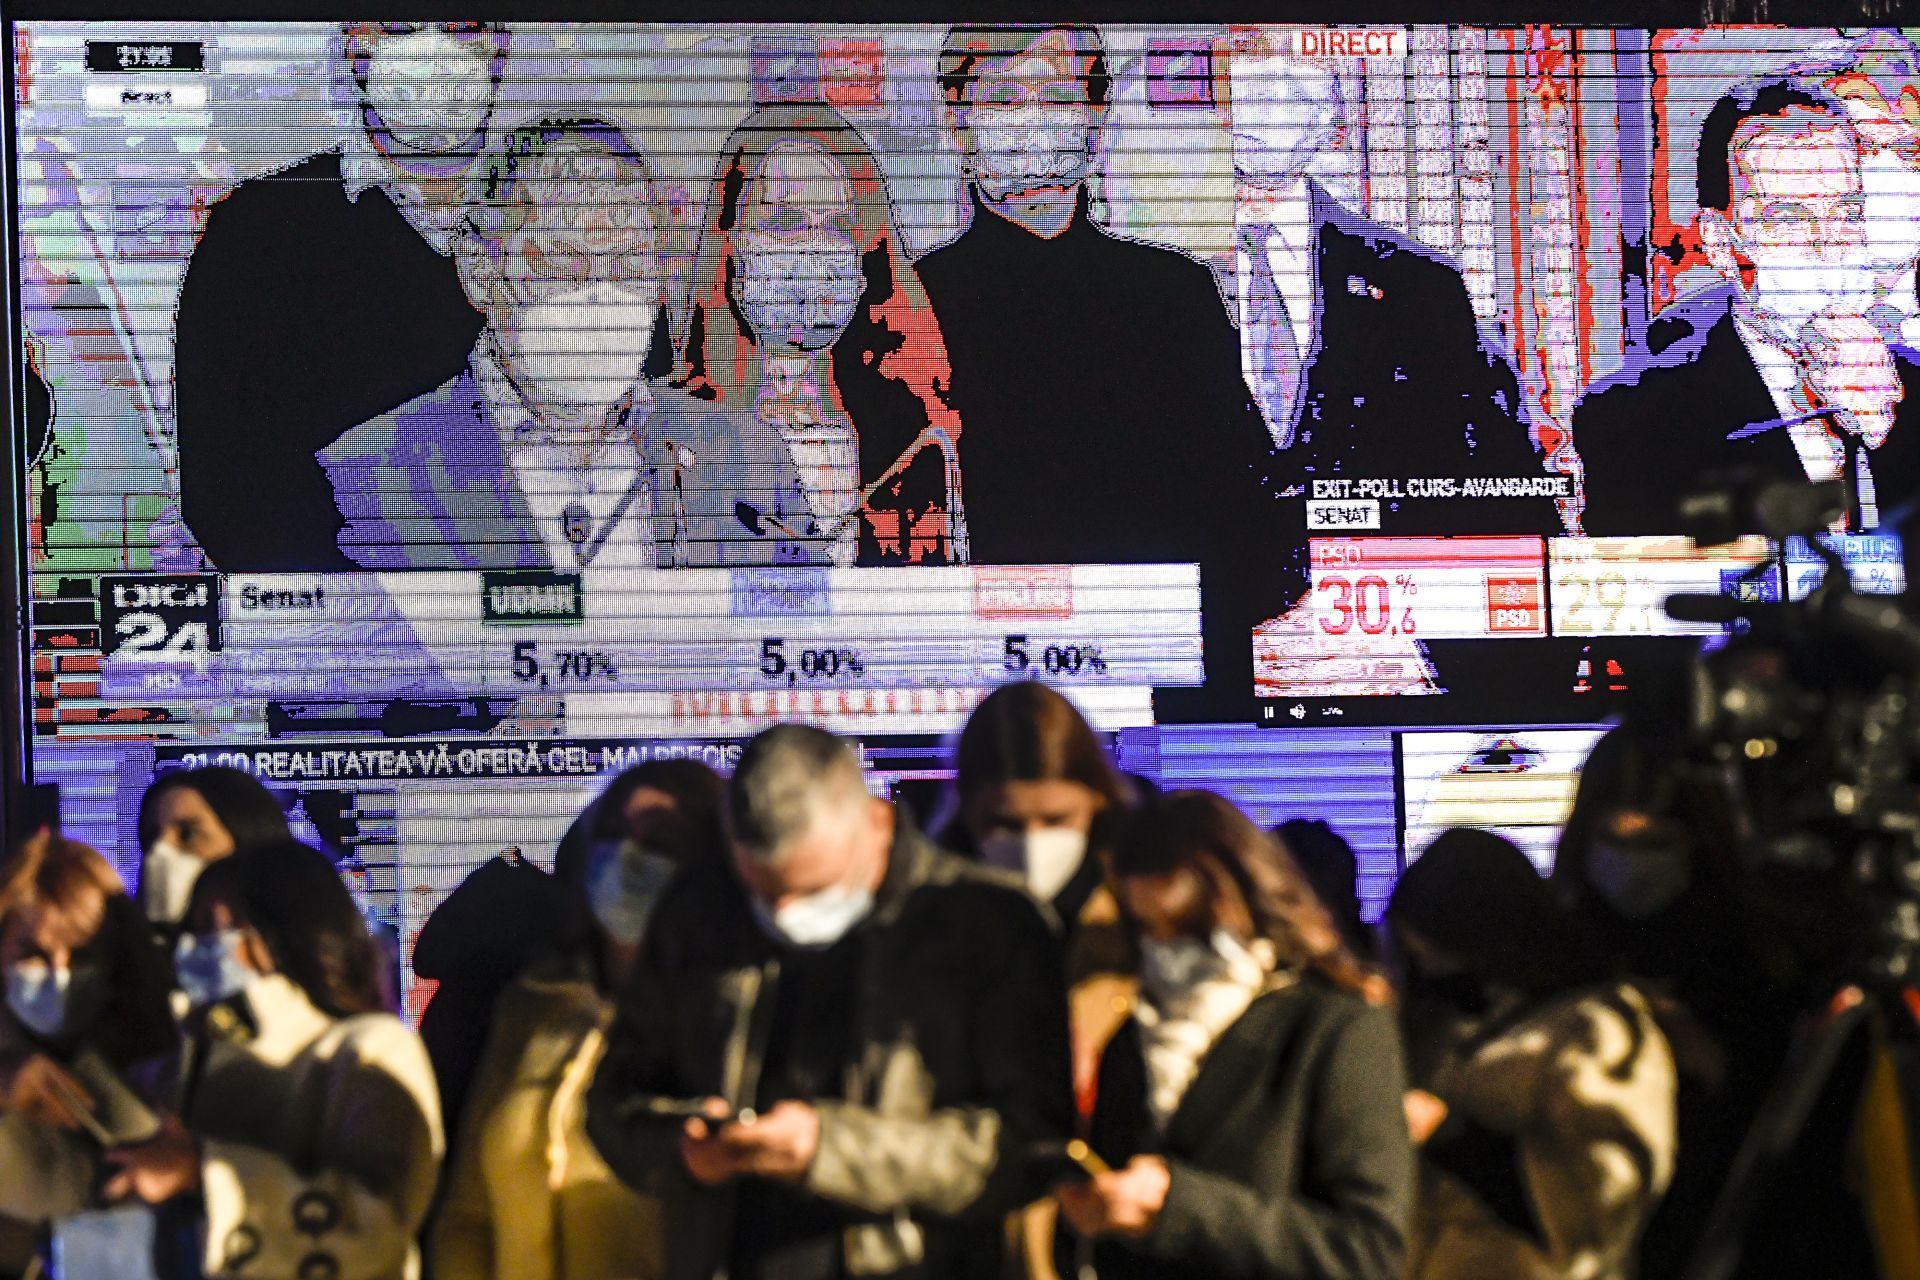 Журналисти следят резултатите през мобилните си устройства на фона на голяма видео стена